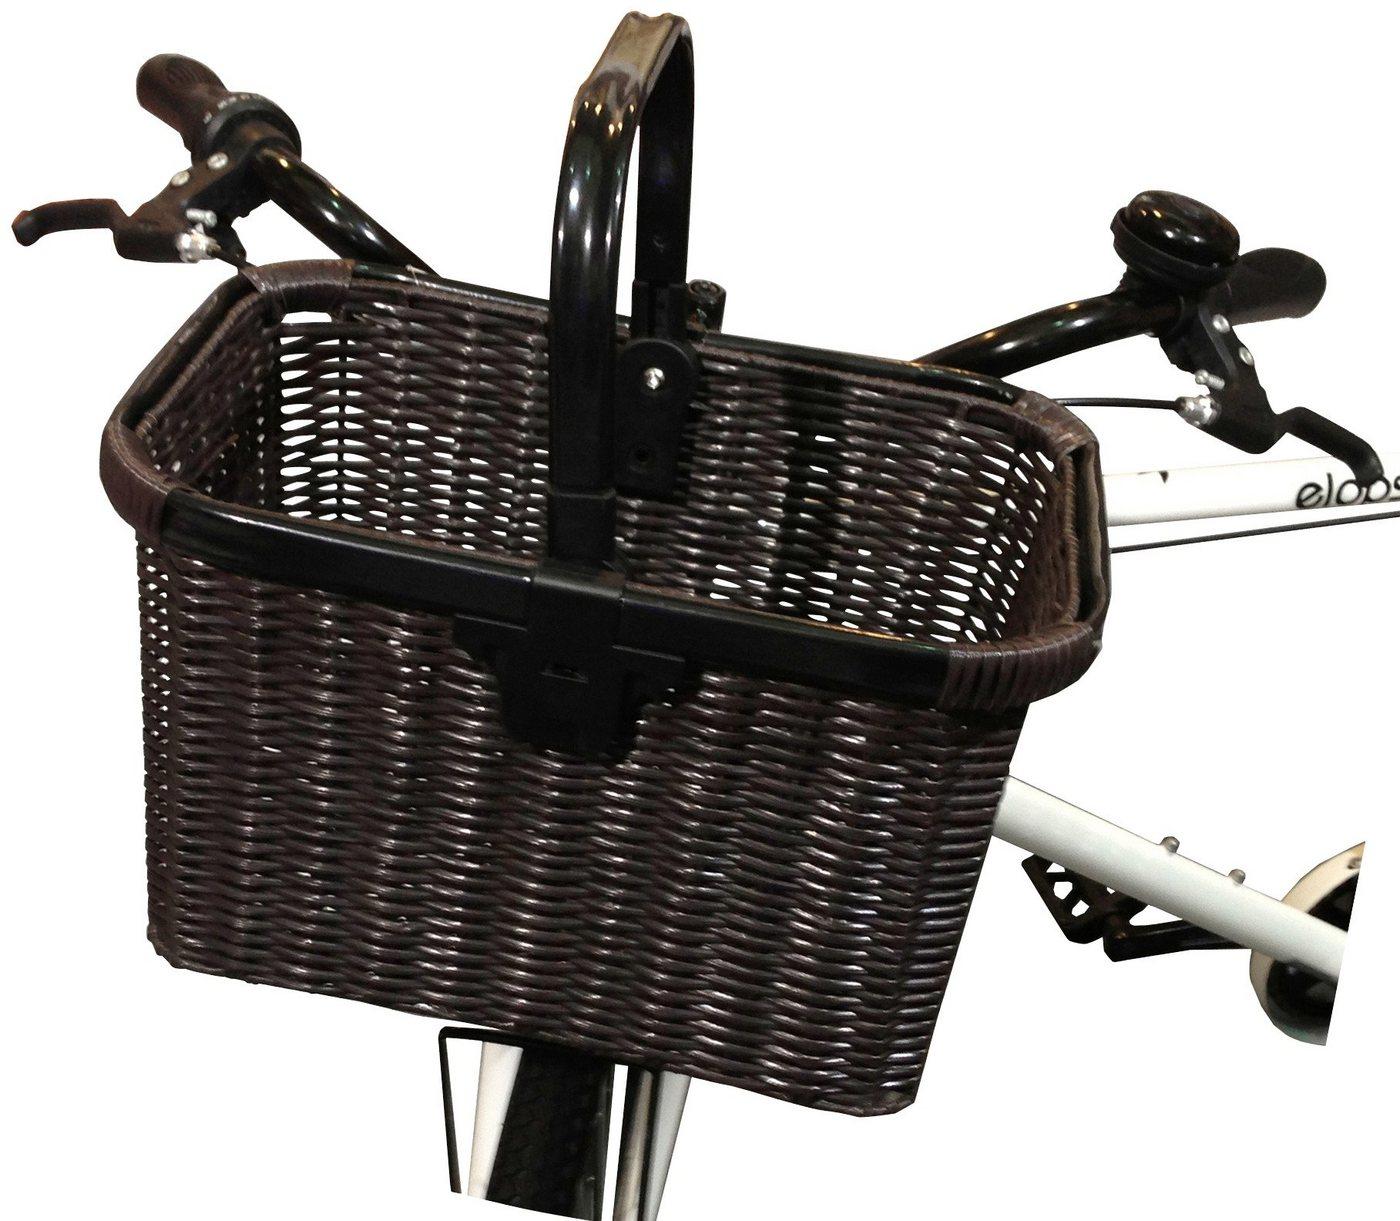 fahrradkorb weide preisvergleiche erfahrungsberichte. Black Bedroom Furniture Sets. Home Design Ideas